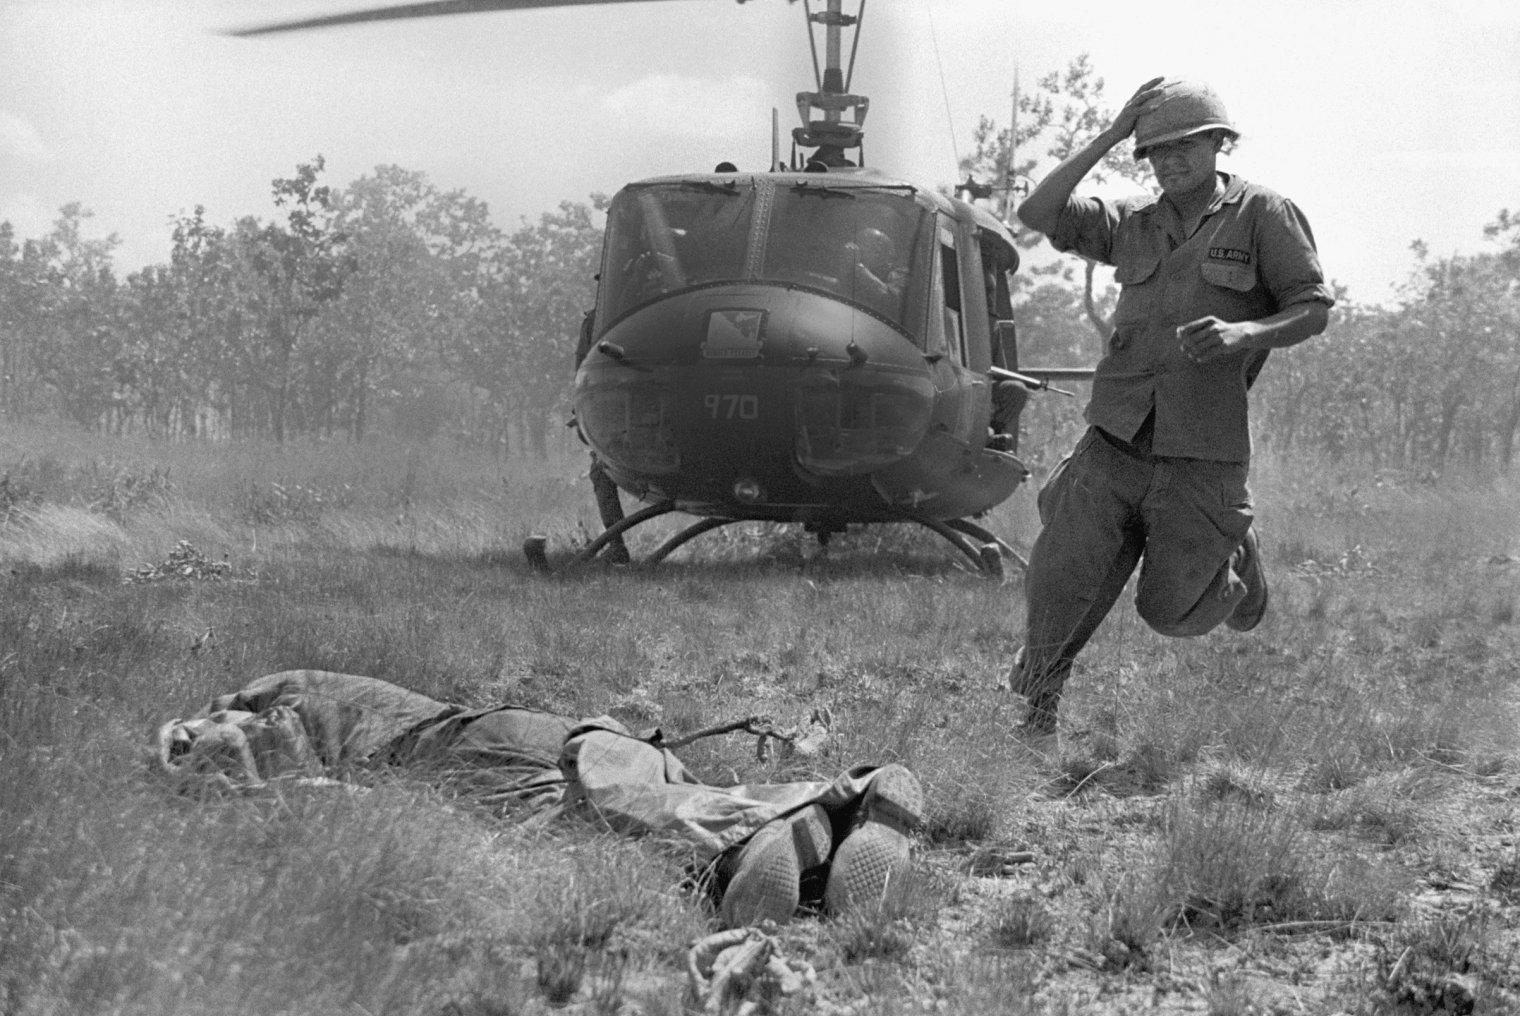 hélicoptères  Vietnam-ken-burns-galloway-08